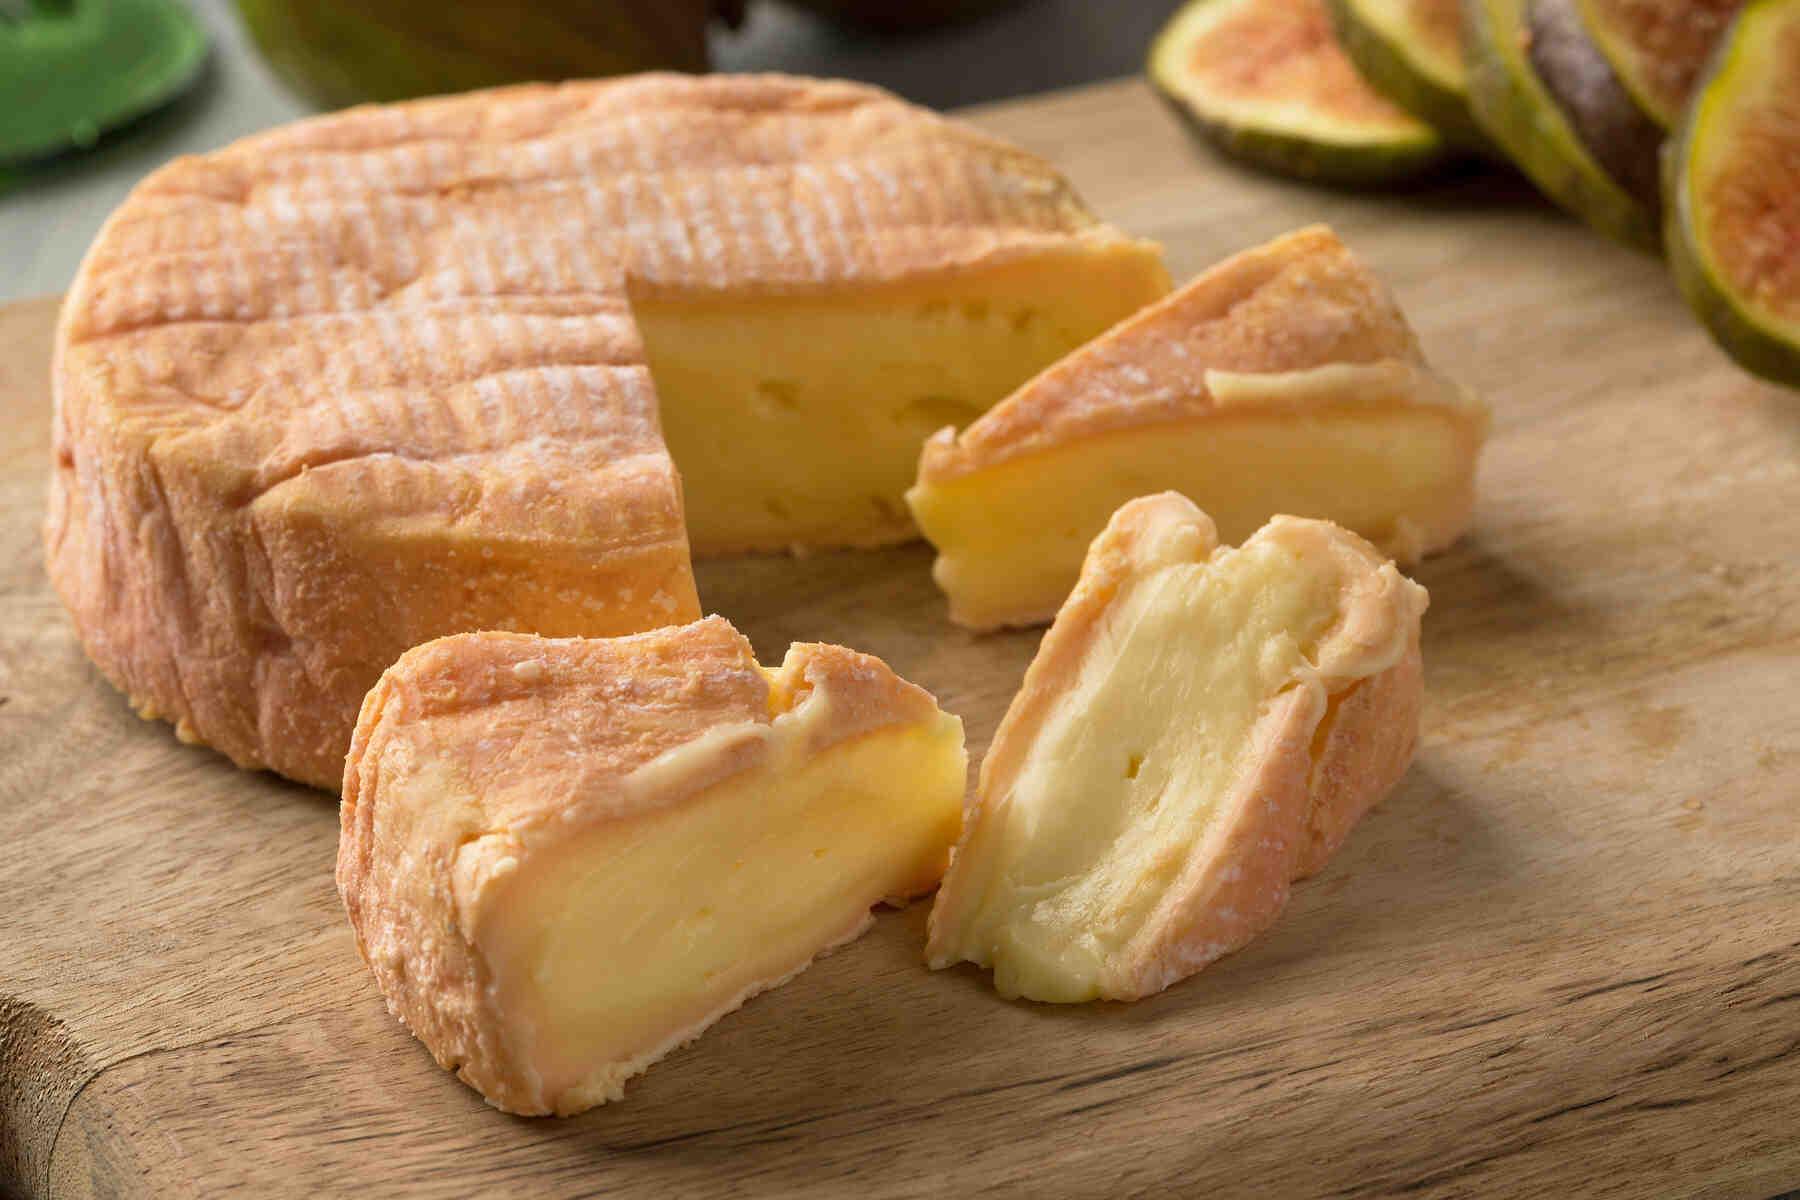 La guía del francófilo inteligente sobre el queso fromage: recursos de queso francés